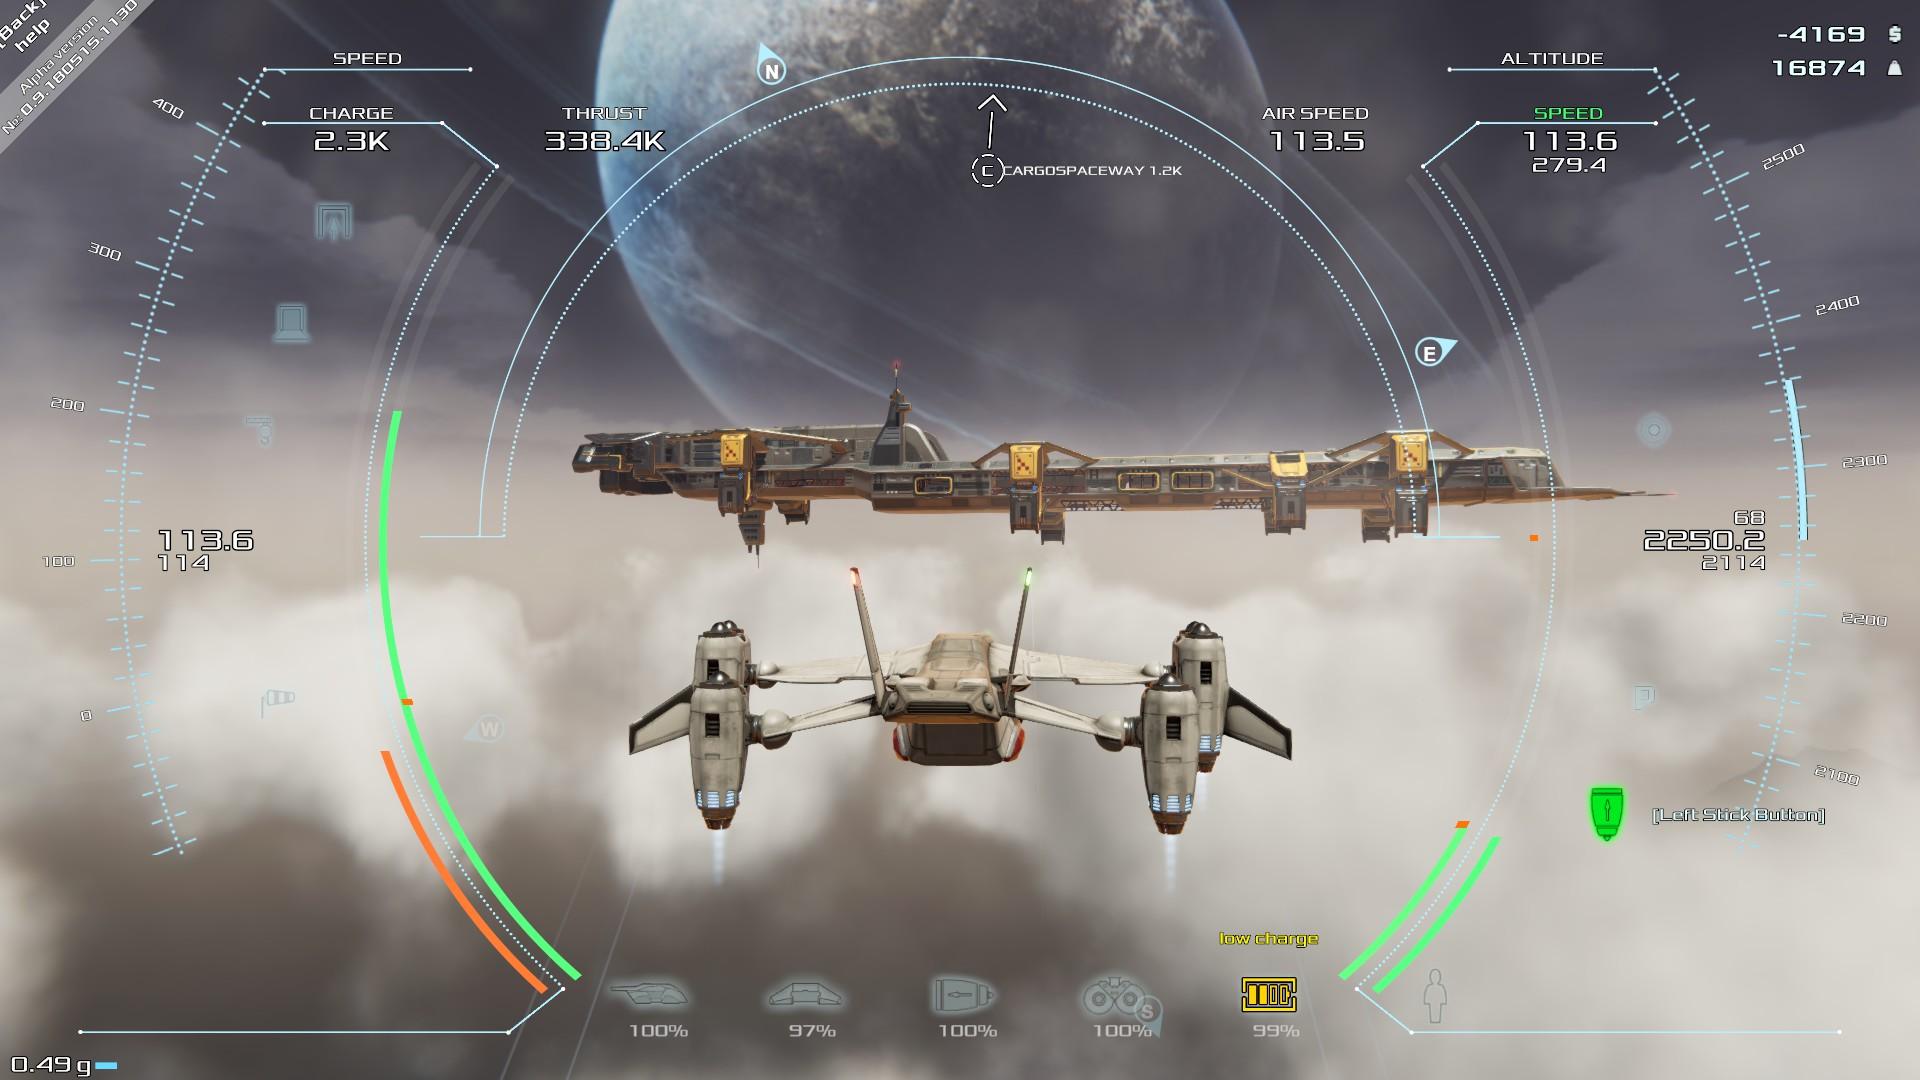 Frontier Pilot Wing-man